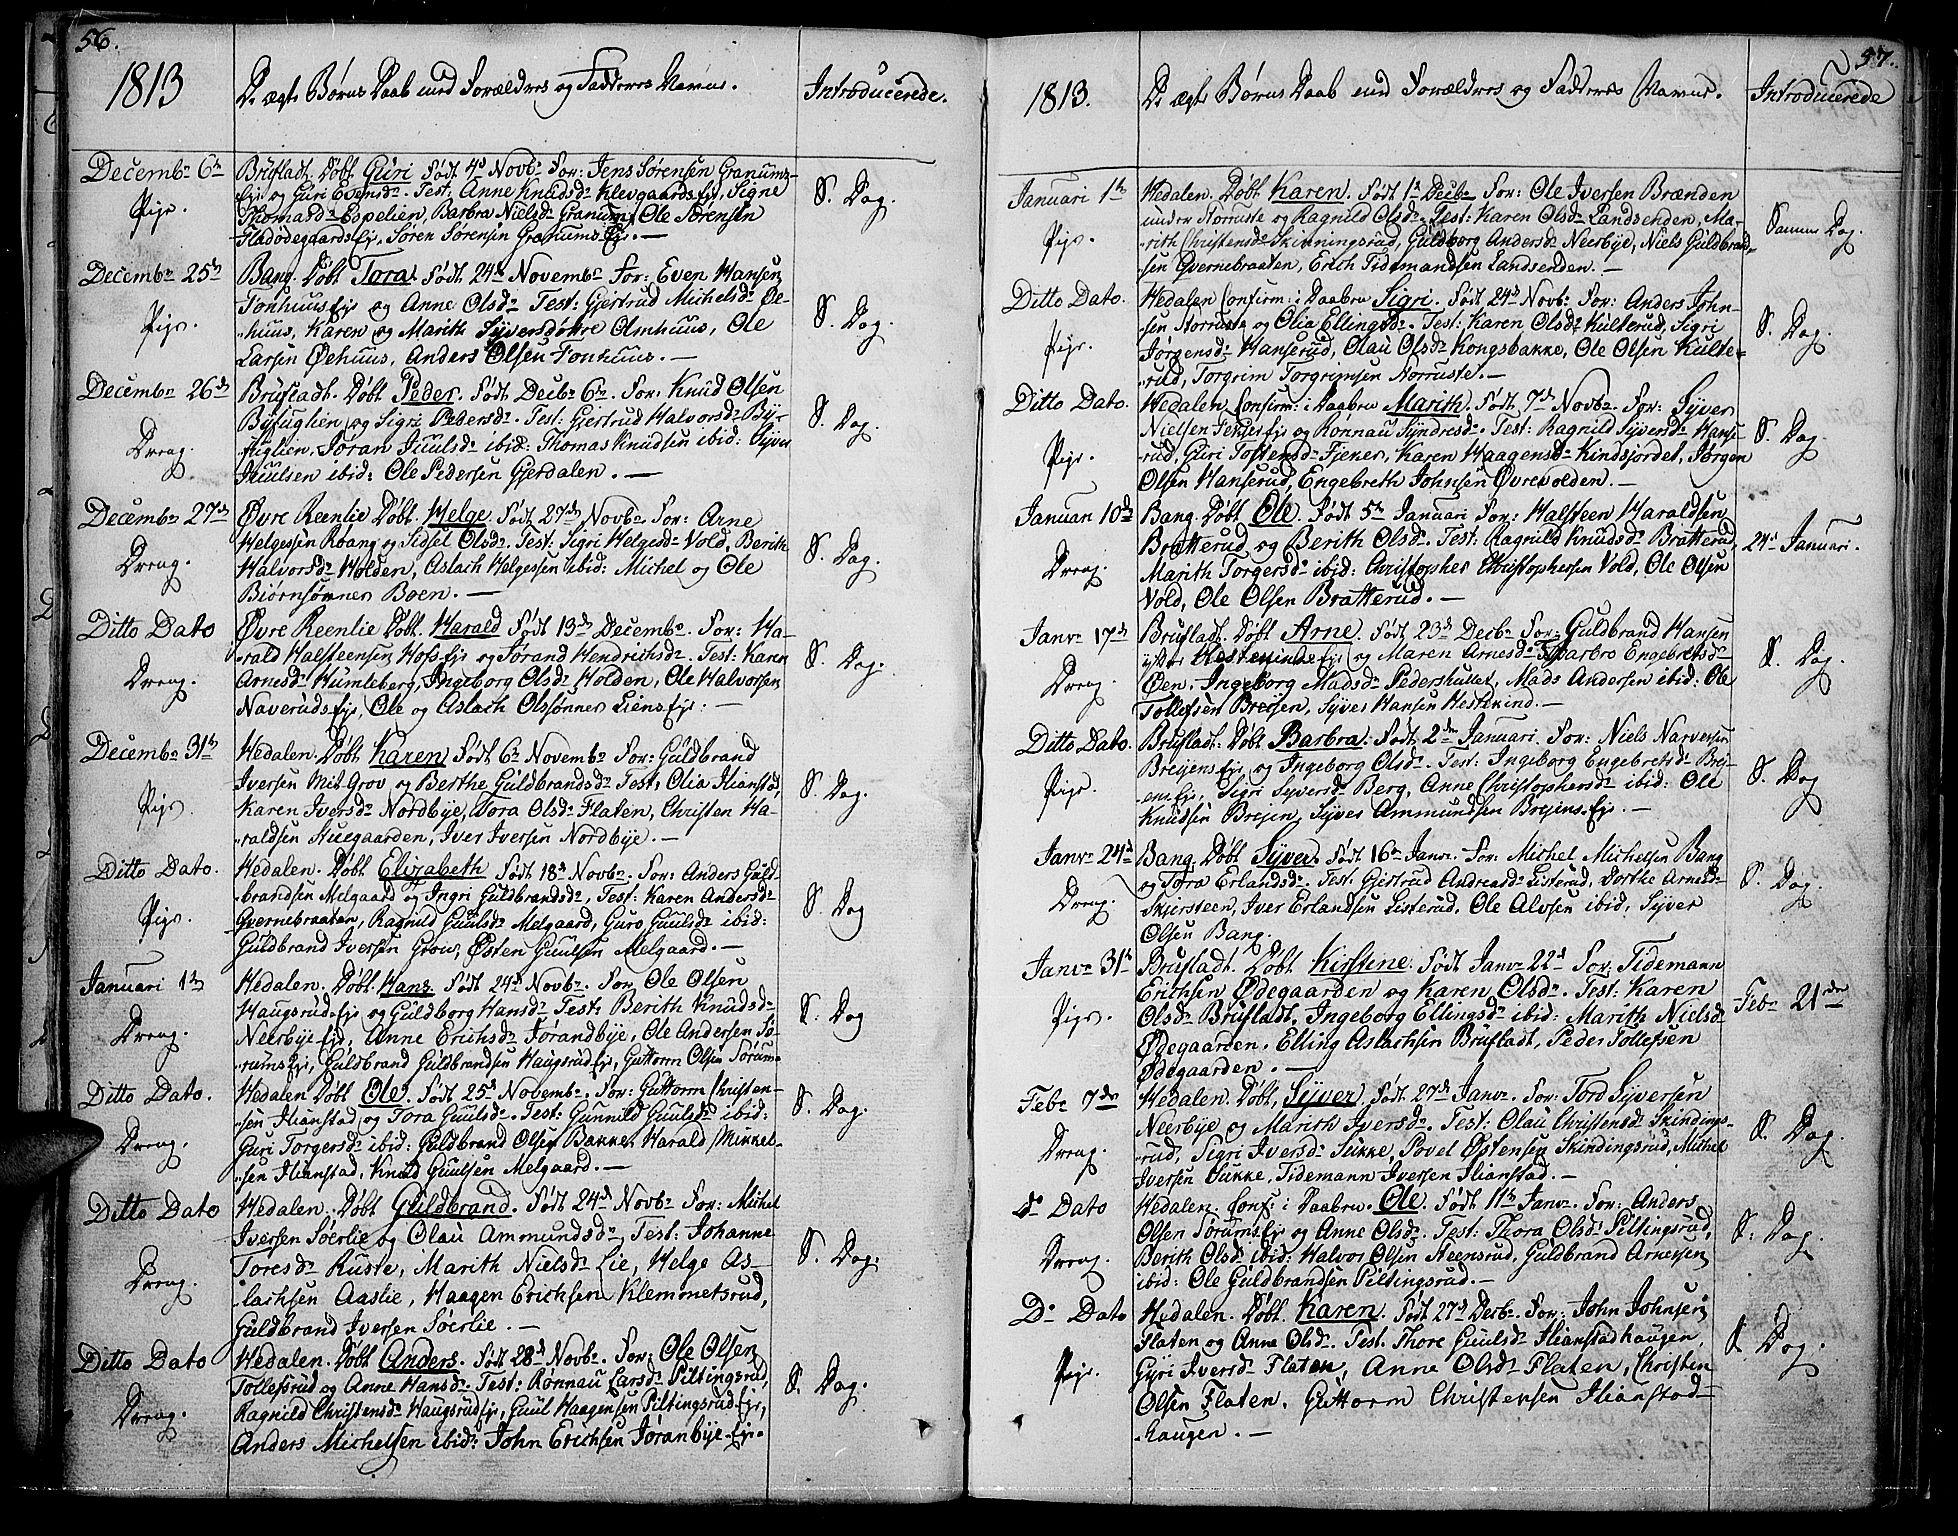 SAH, Sør-Aurdal prestekontor, Ministerialbok nr. 1, 1807-1815, s. 56-57